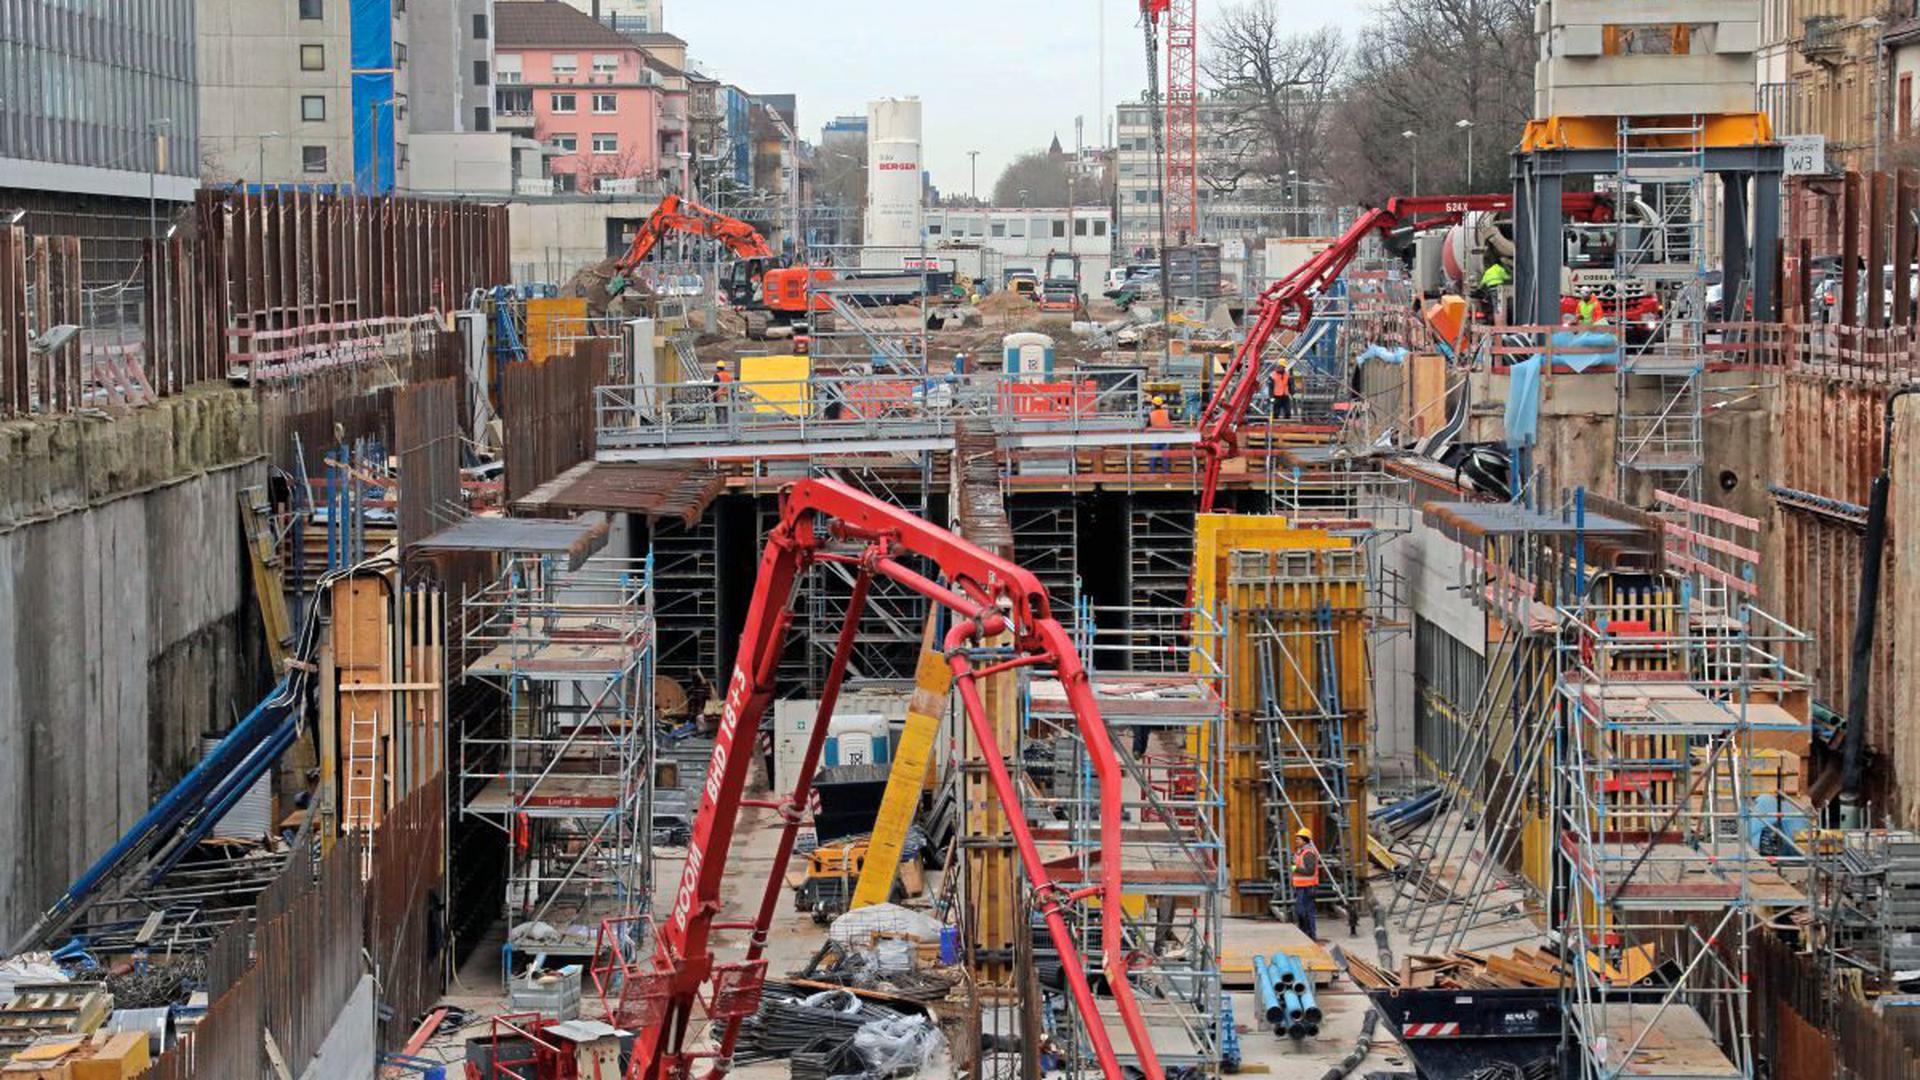 Alle Betonbauphasen für den Autotunnel sind in der Kriegsstraße zu beobachten. Das Foto zeigt Karlsruhes momentan größte Baustelle westlich des Ettlinger Tors mit Blick Richtung Karlstor, rechts die kahlen Bäume des Nymphengartens.